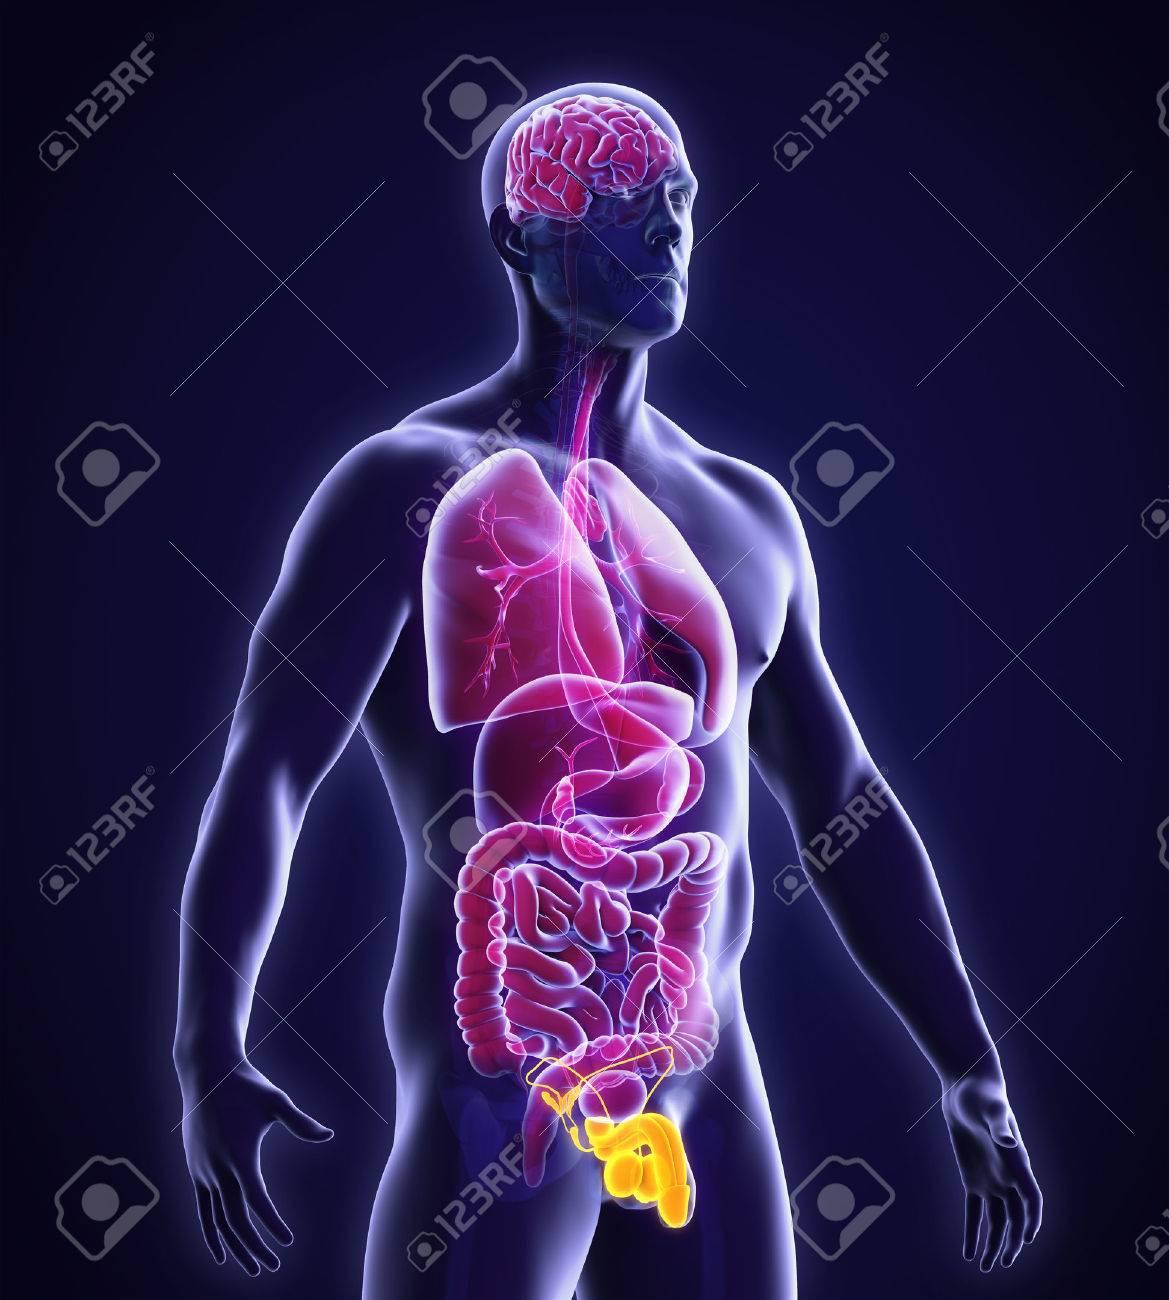 Männliche Geschlechtsorgane Anatomie Lizenzfreie Fotos, Bilder Und ...